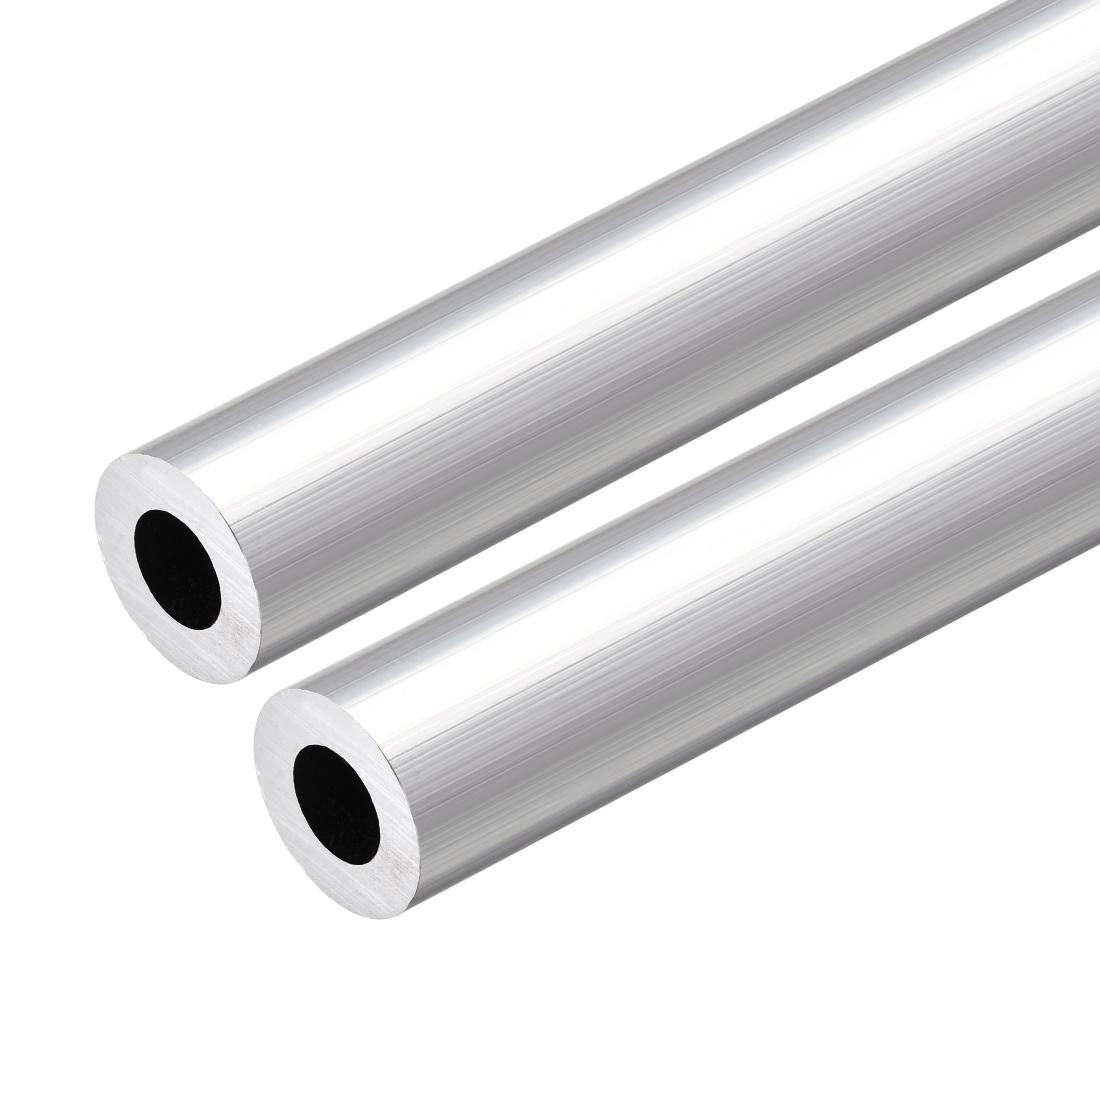 6063 Aluminum Round Tube 300mm Length 19mm OD 10mm Inner Dia Seamless Tube 2 Pcs